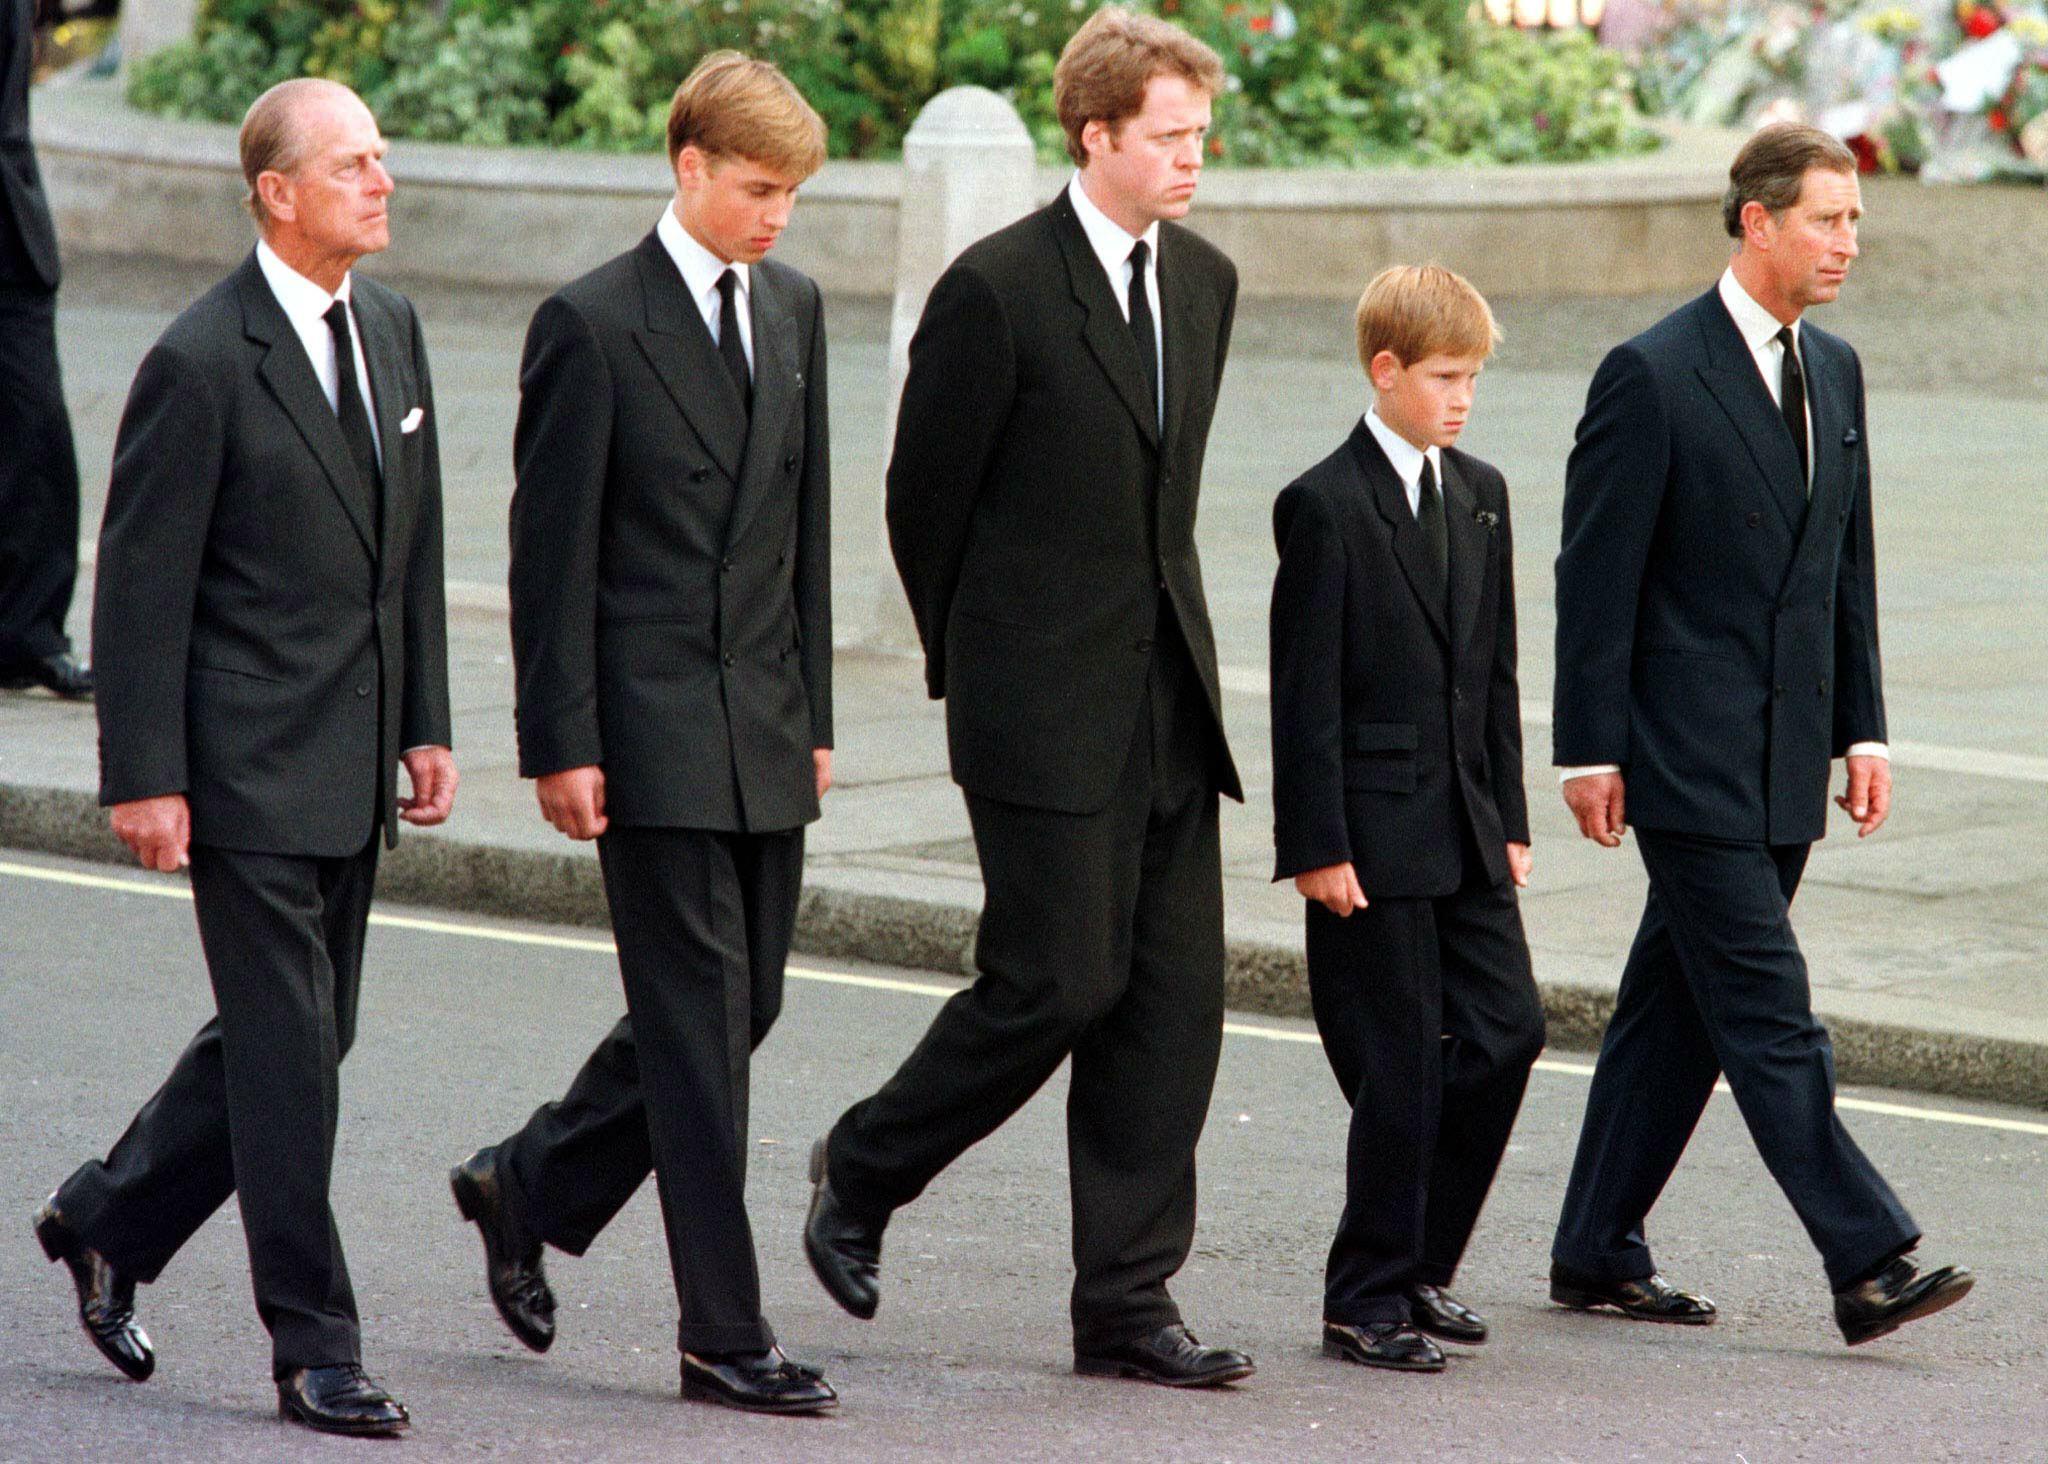 Le Prince Harry Les funérailles de la Princesse Diana